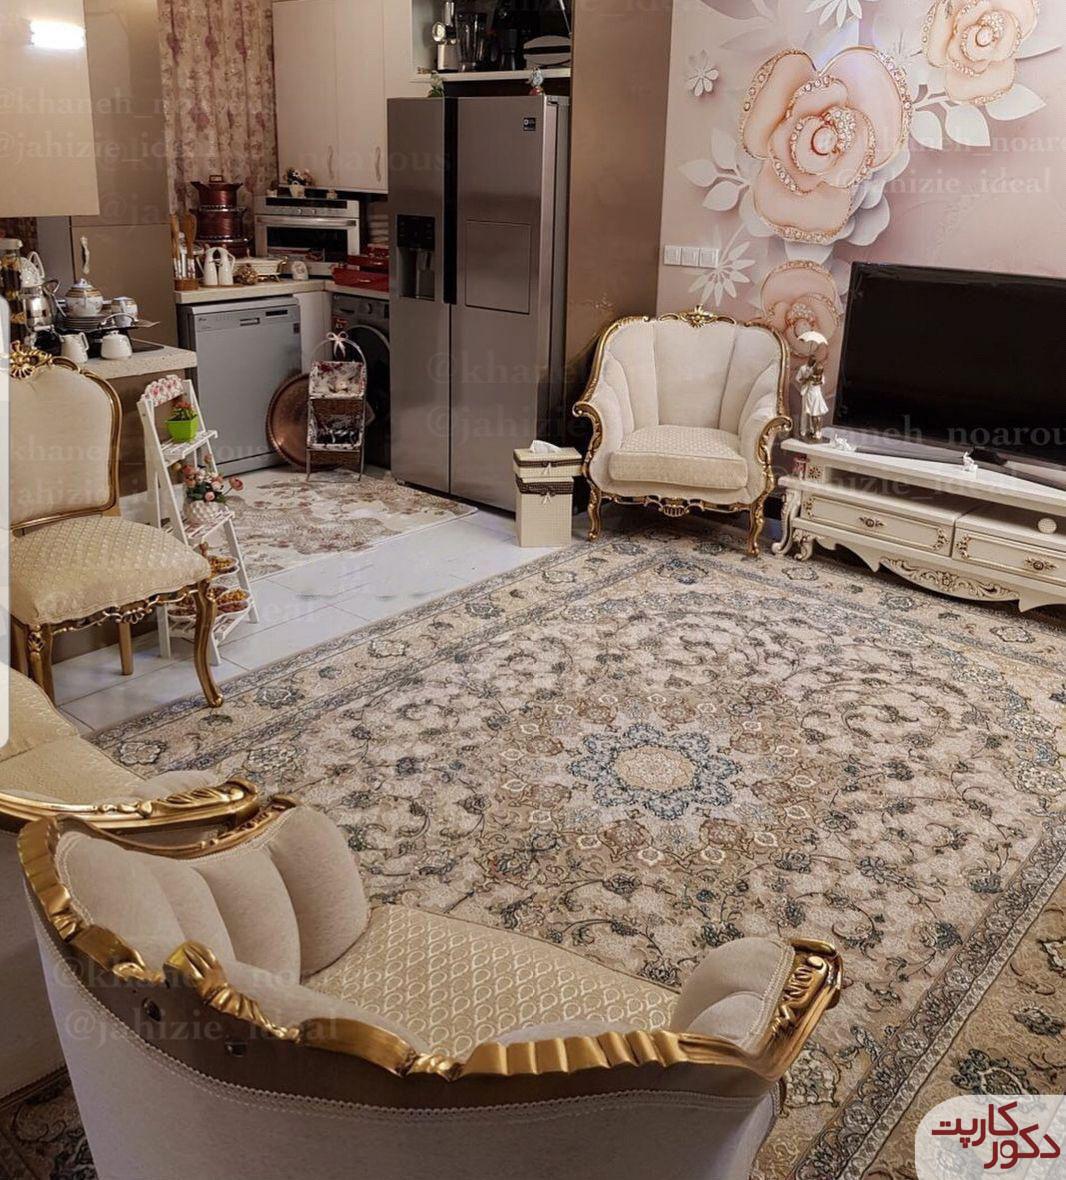 نمای فرش شاه عباسی فیلی در کنار مبلمان کرم